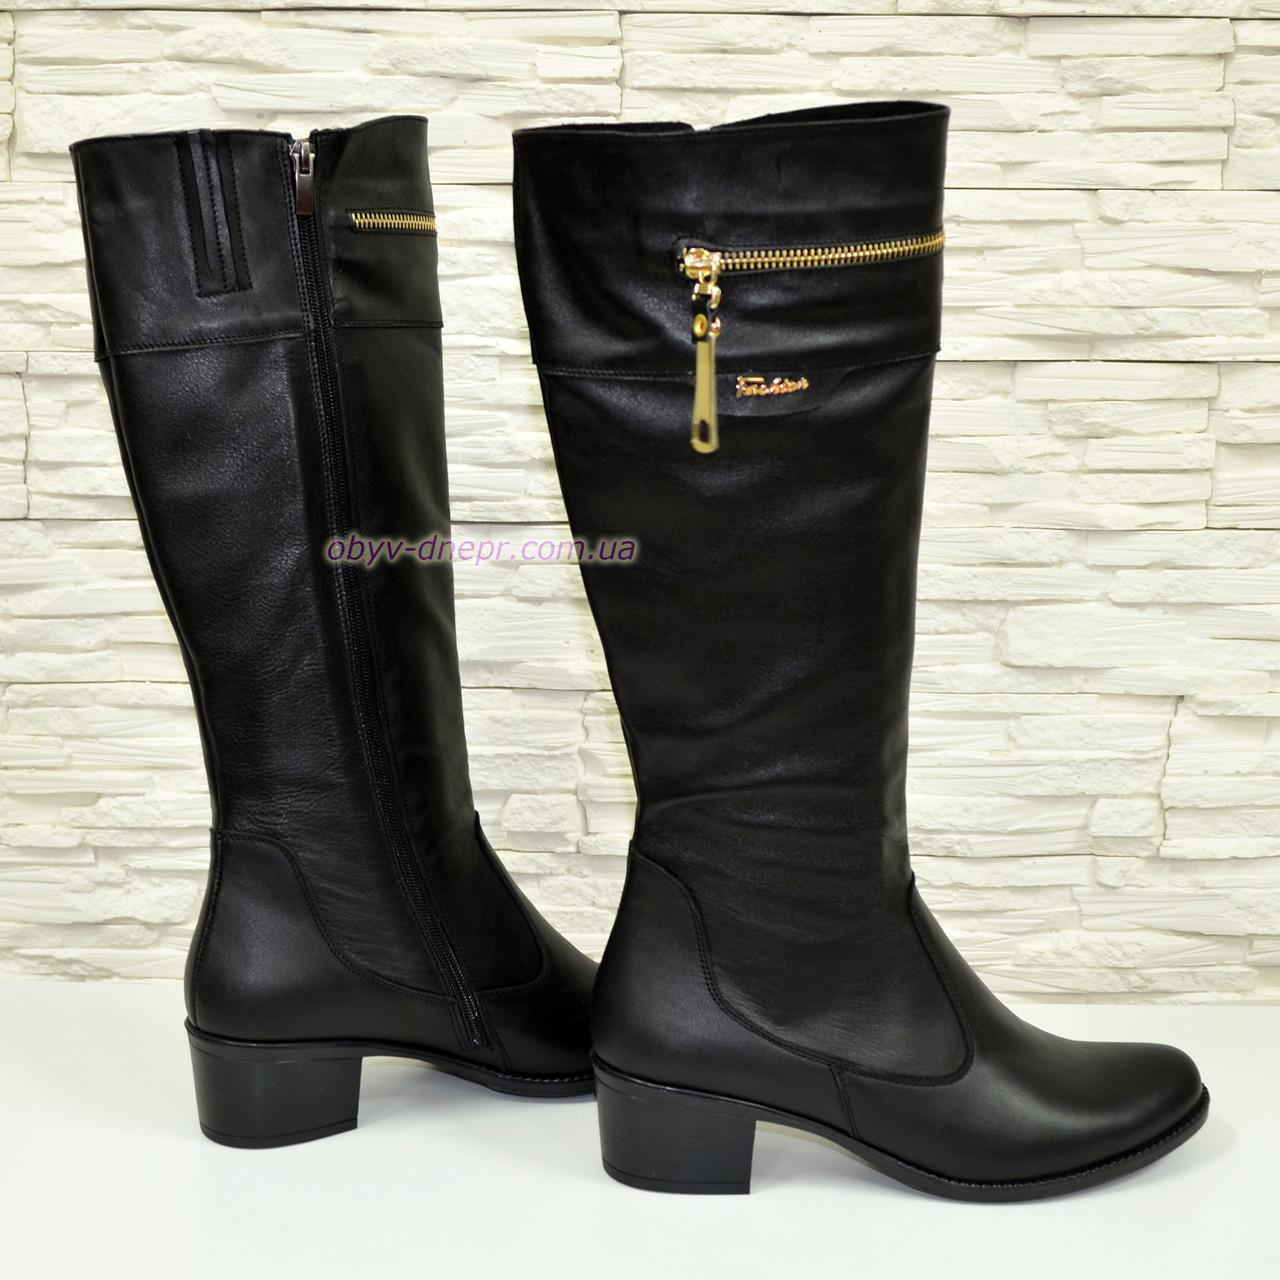 Женские кожаные сапоги на устойчивом каблуке, декорированы молнией.